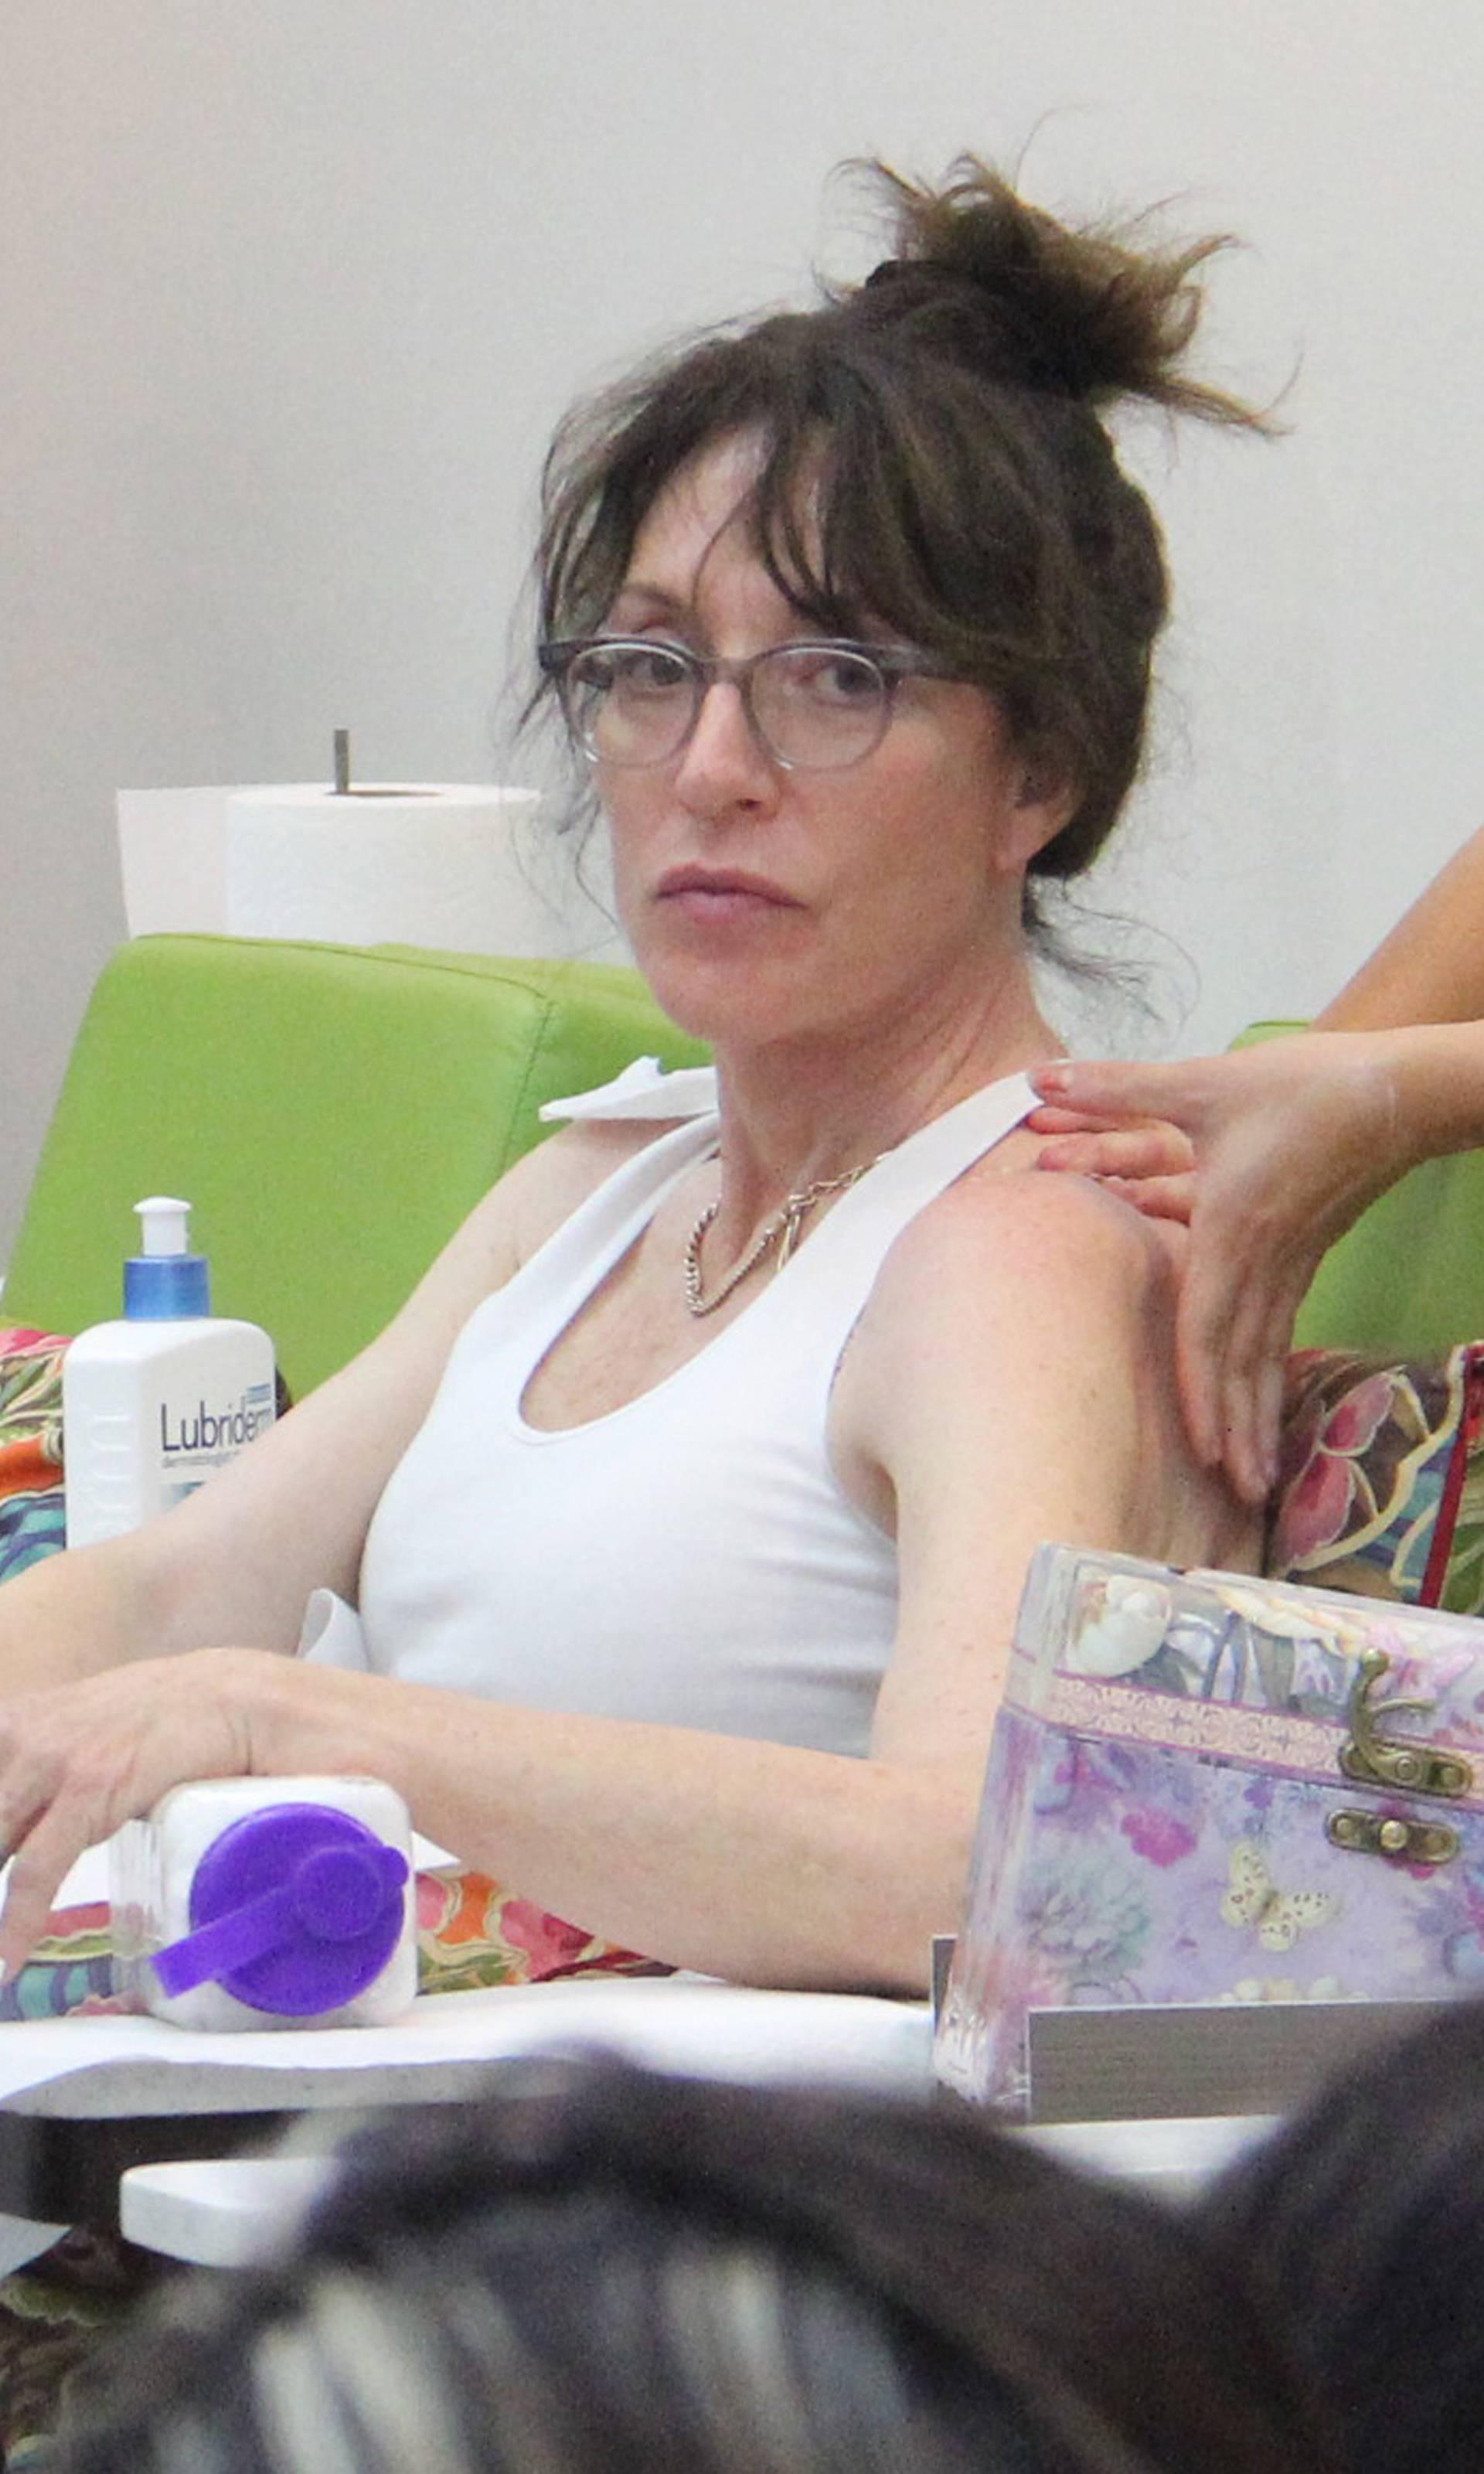 Katey Sagal treats herself to a salon day